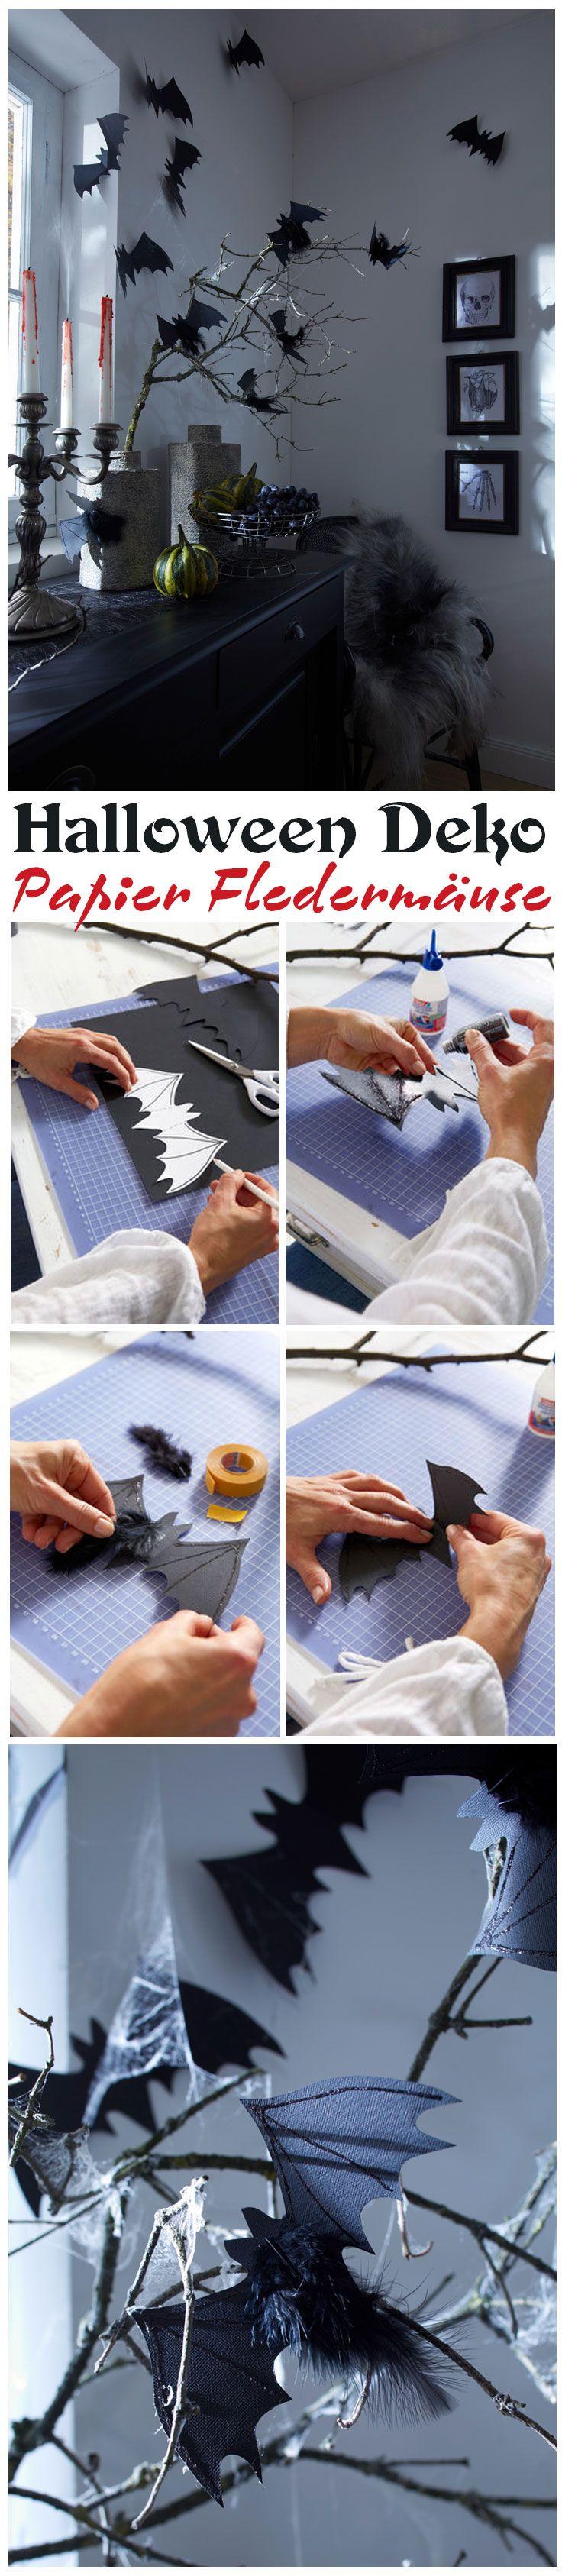 Wer gerne Halloween feiert, kommt um die passende Deko nicht herum. Die muss man sich nicht kaufen, sondern kann sie mit wenigen Handgriffen selbst basteln – so wie diese Fledermäuse aus Papier.